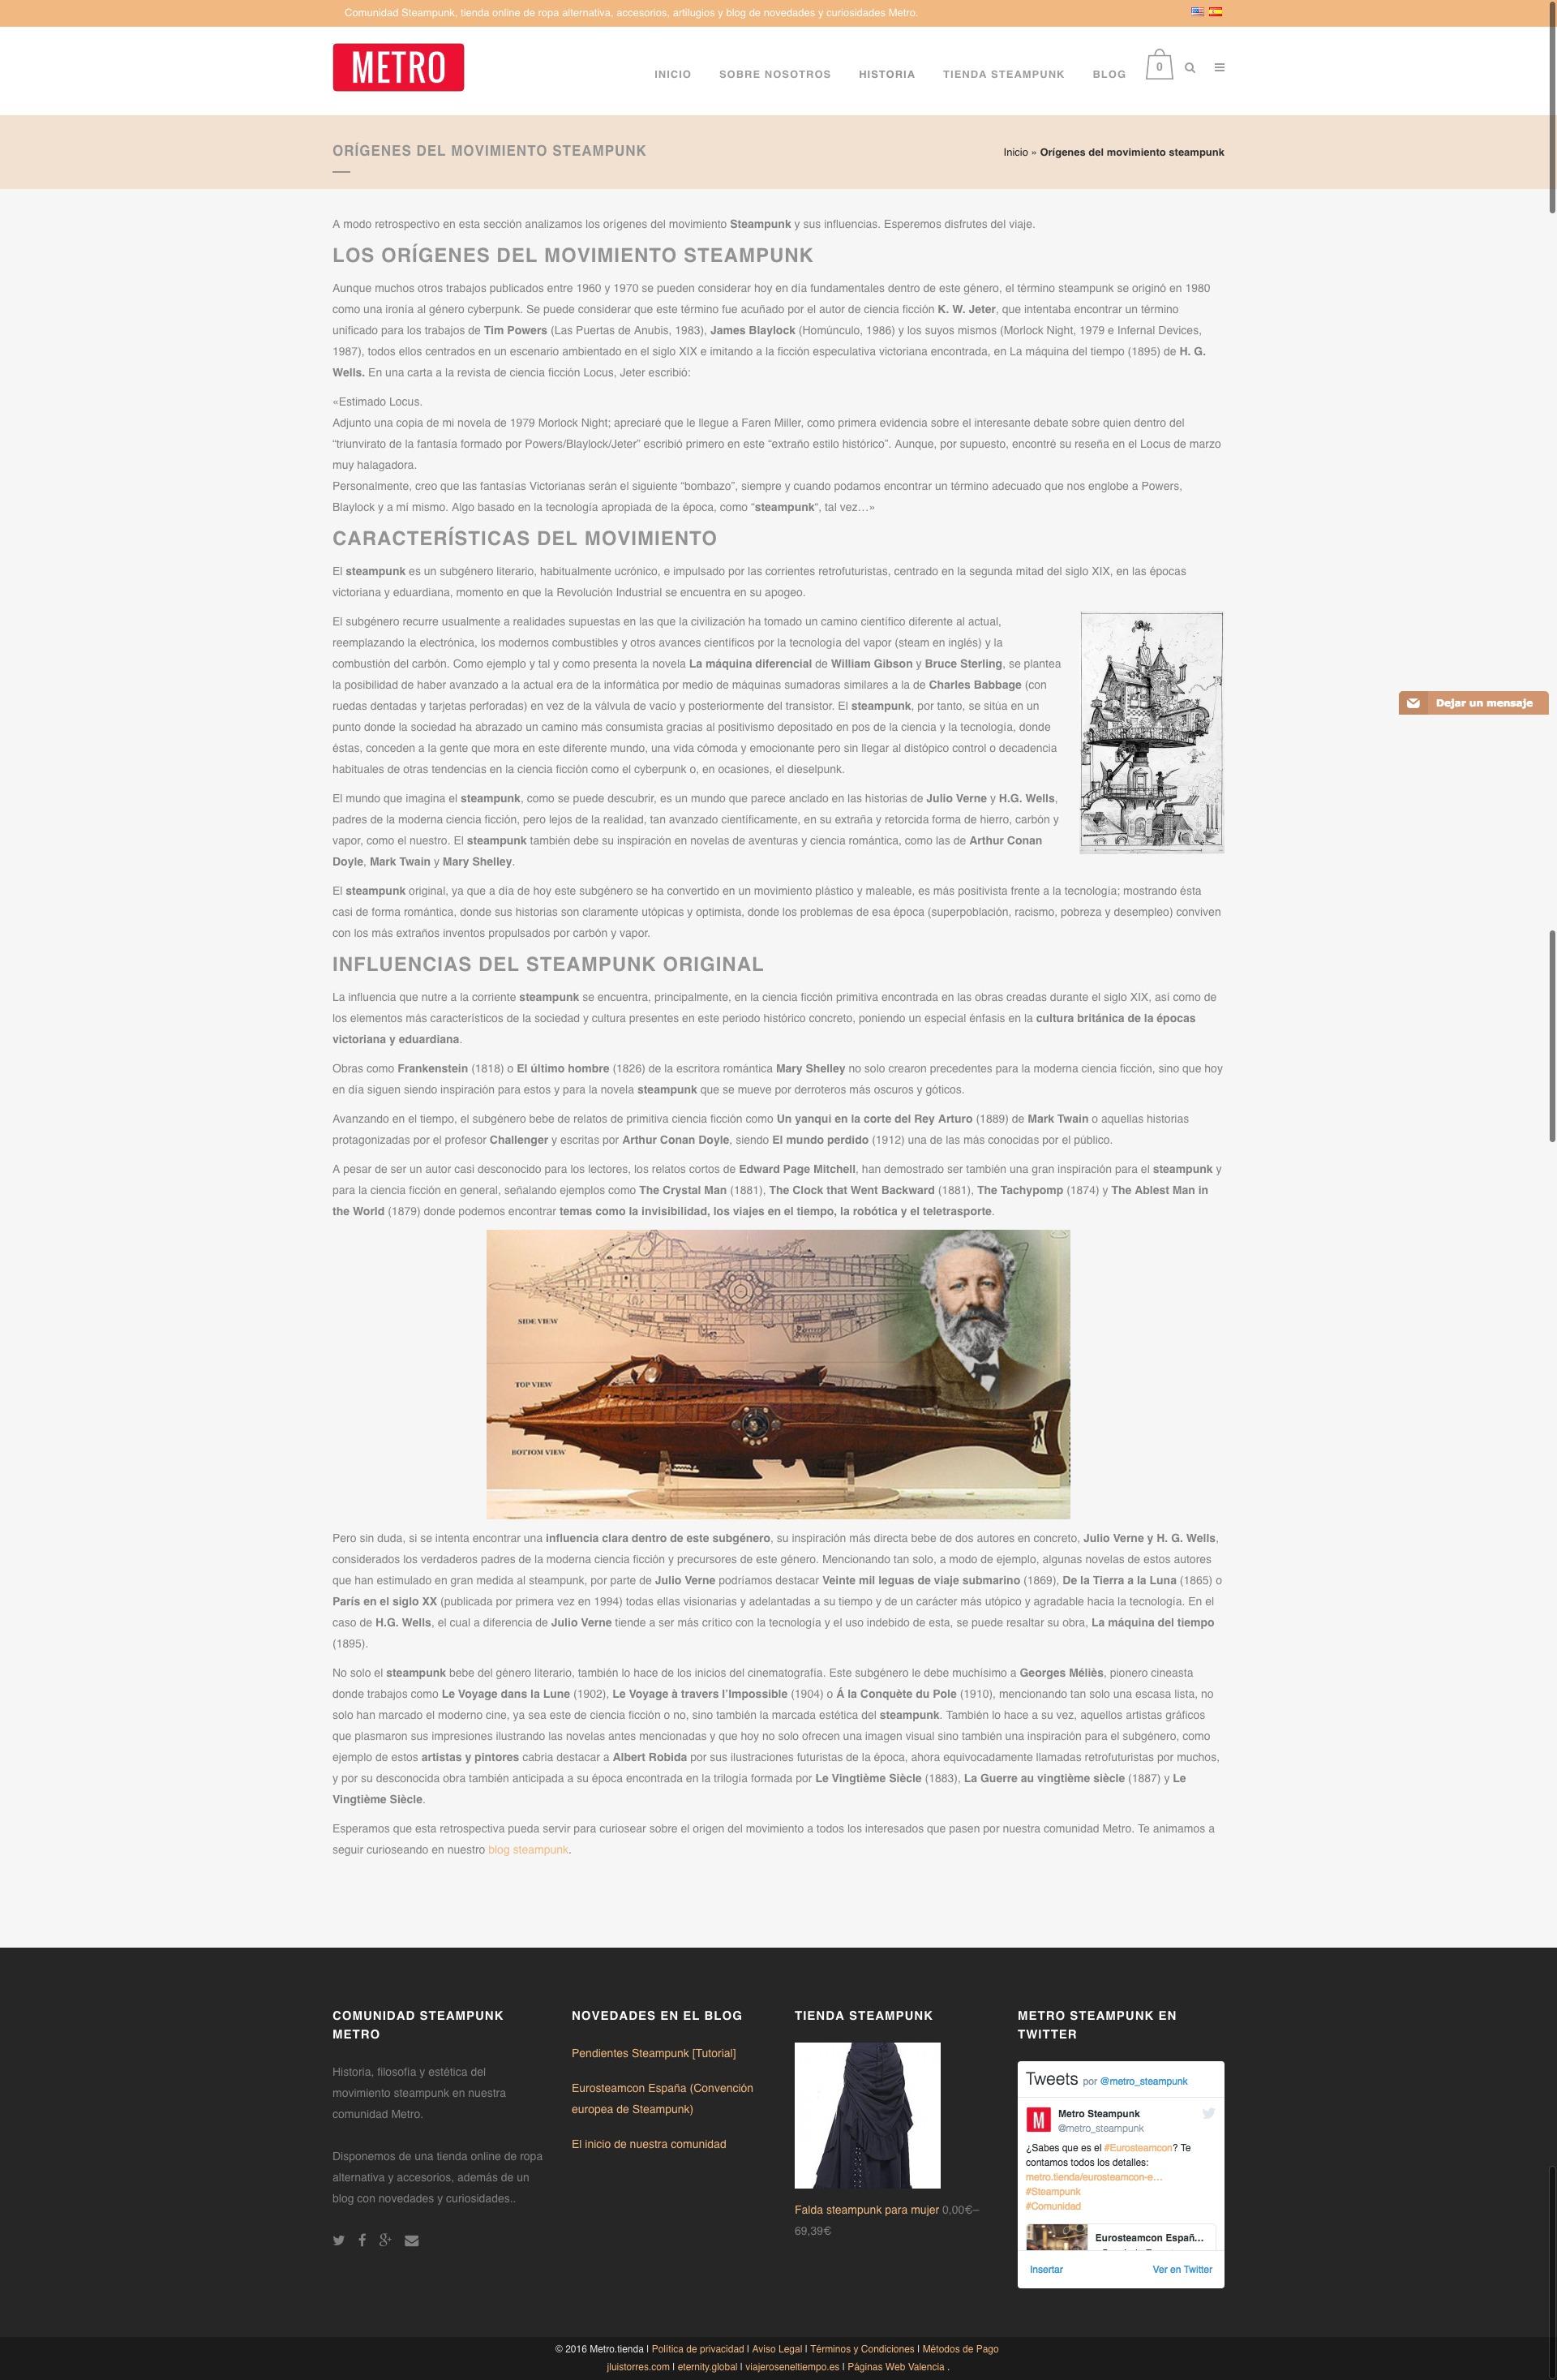 proyecto-diseno-web-freelance-tienda-online-metro-tienda-jose-luis-torres-01